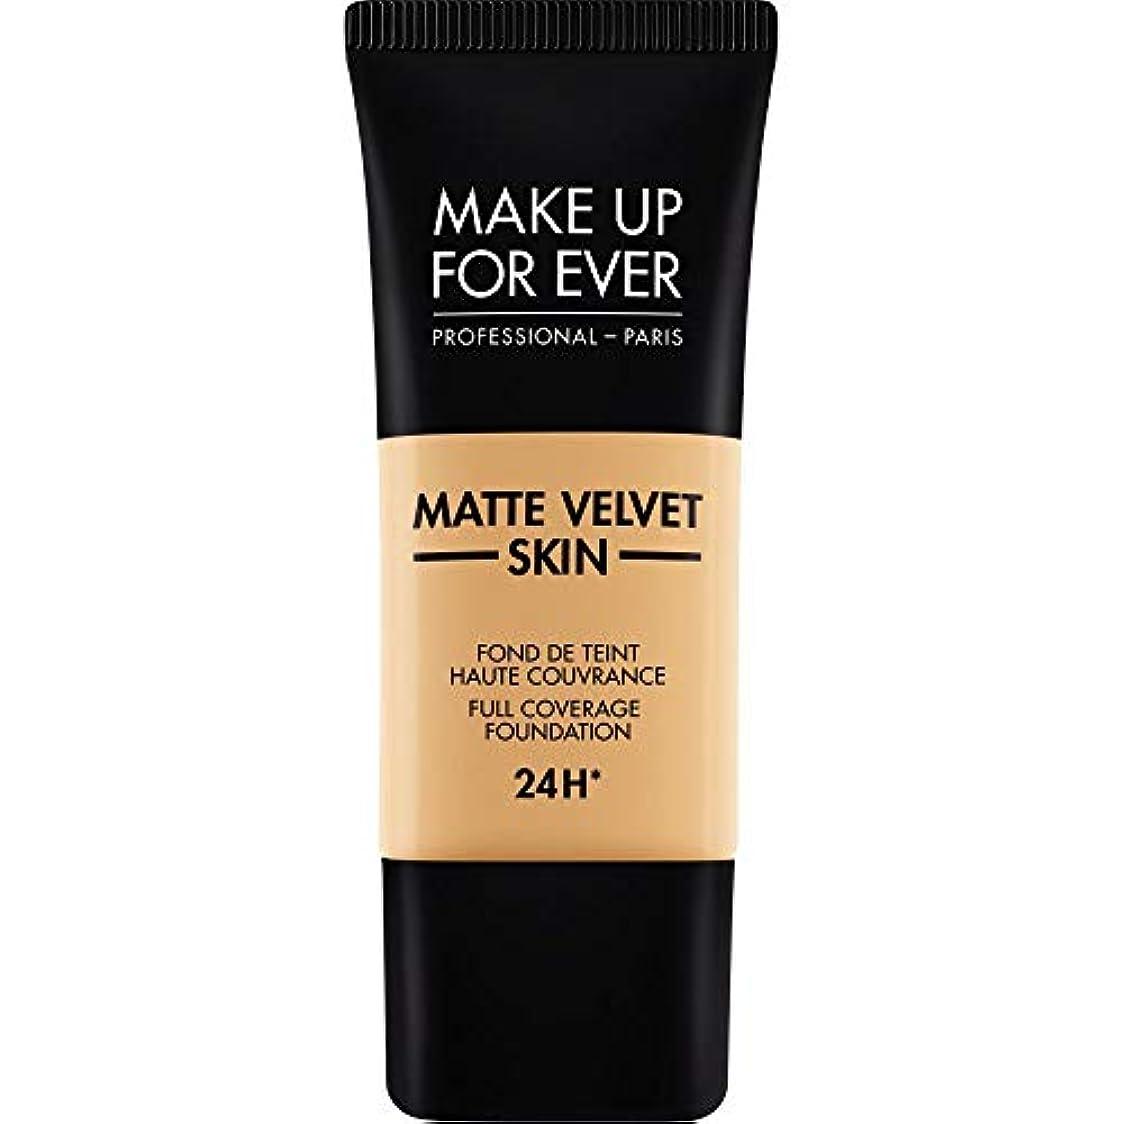 記憶に残るキッチン忘れる[MAKE UP FOR EVER] これまでマットベルベットの皮膚のフルカバレッジ基礎30ミリリットルのY365を補う - 砂漠 - MAKE UP FOR EVER Matte Velvet Skin Full Coverage Foundation 30ml Y365 - Desert [並行輸入品]